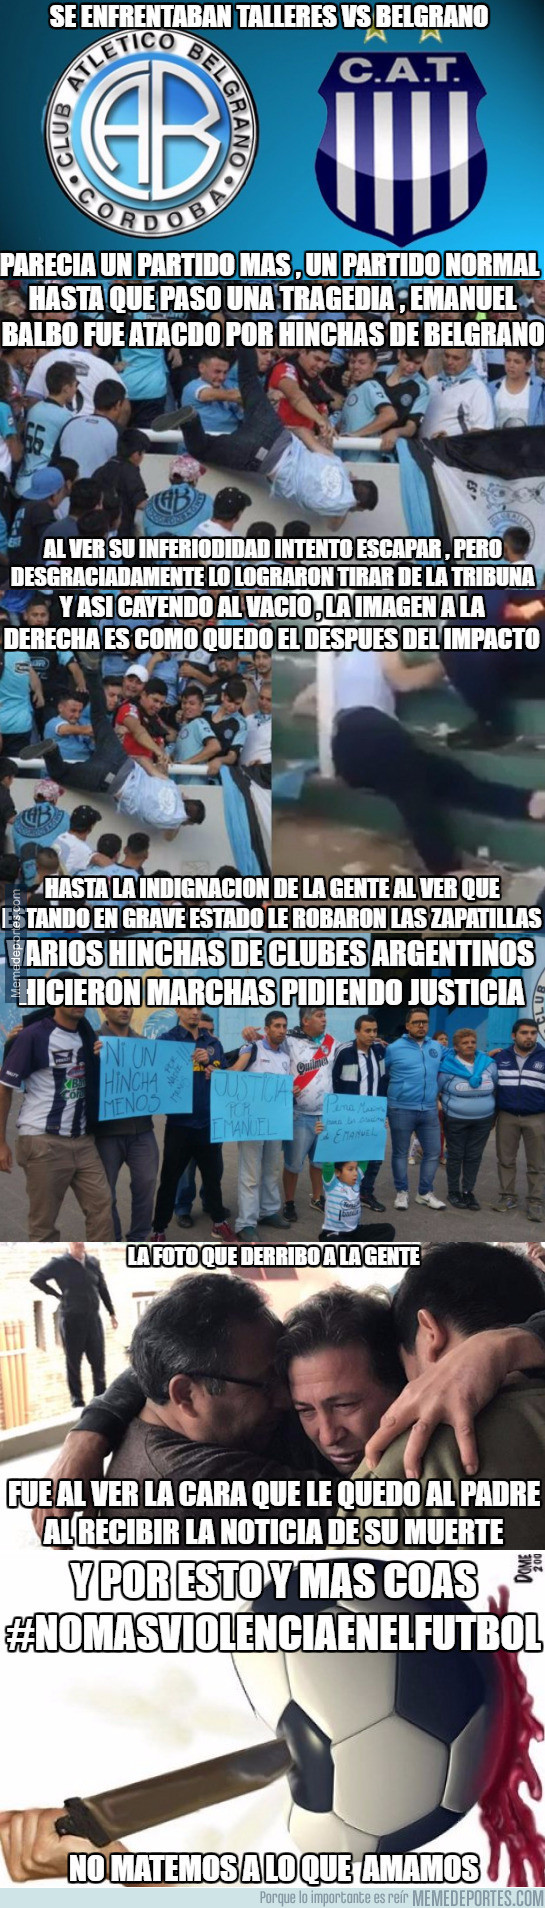 968025 - No más violencia en el fútbol, no matemos a lo que amamos